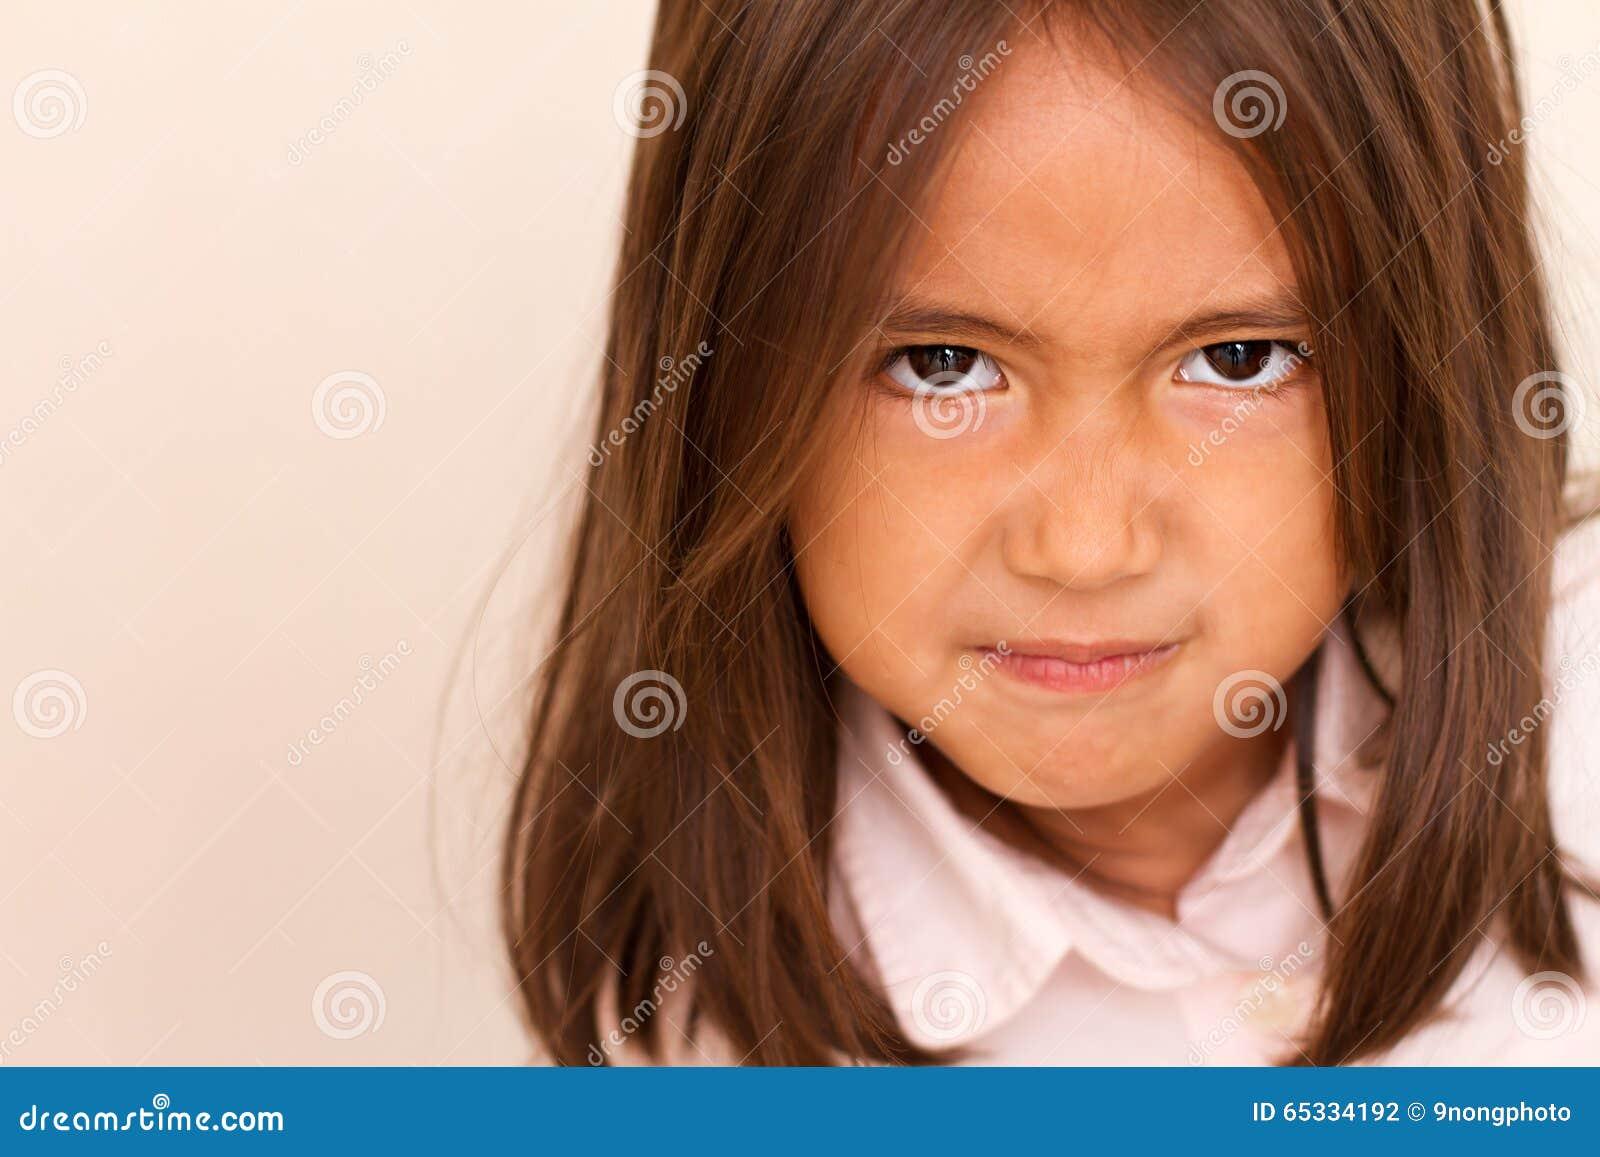 Πορτρέτο του υ, μικρού κοριτσιού